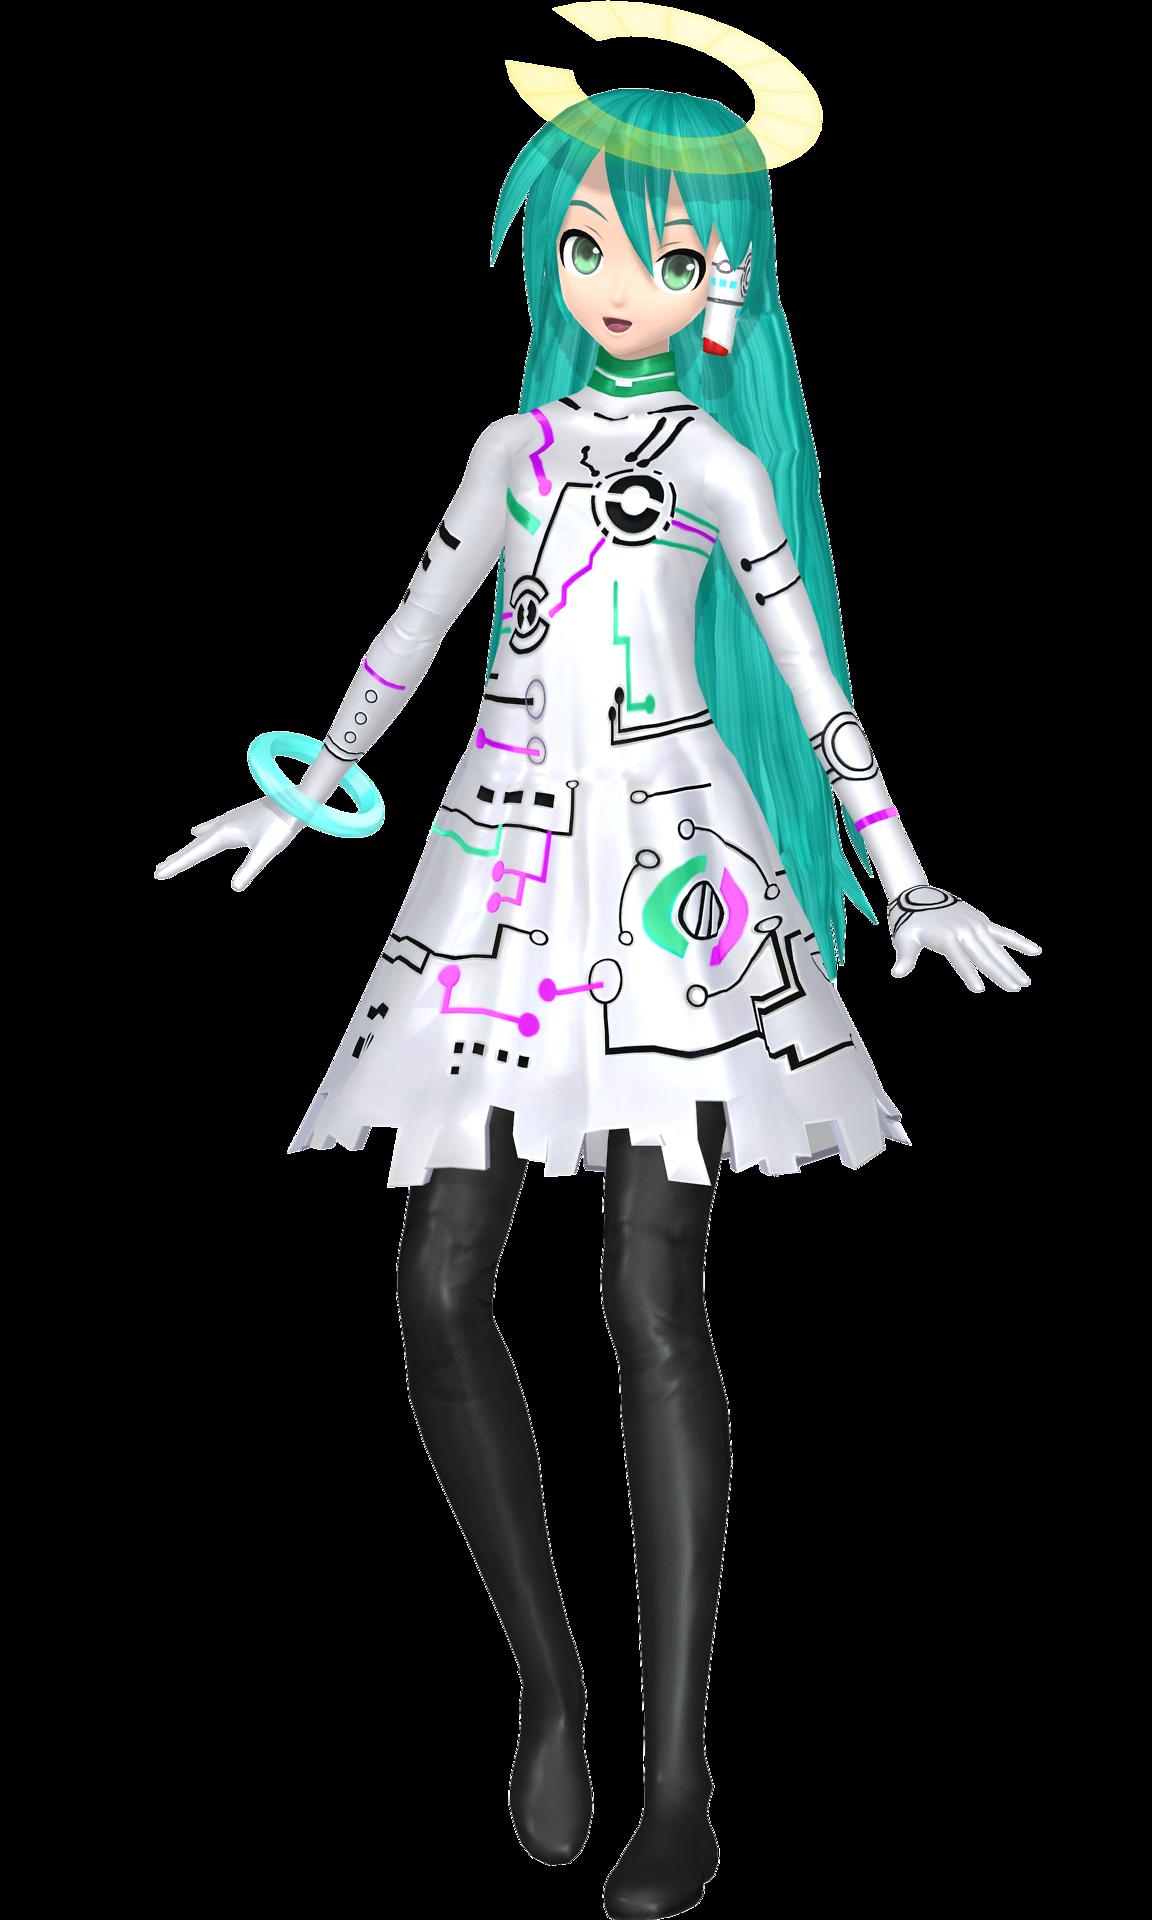 Épinglé sur [Vocaloid]